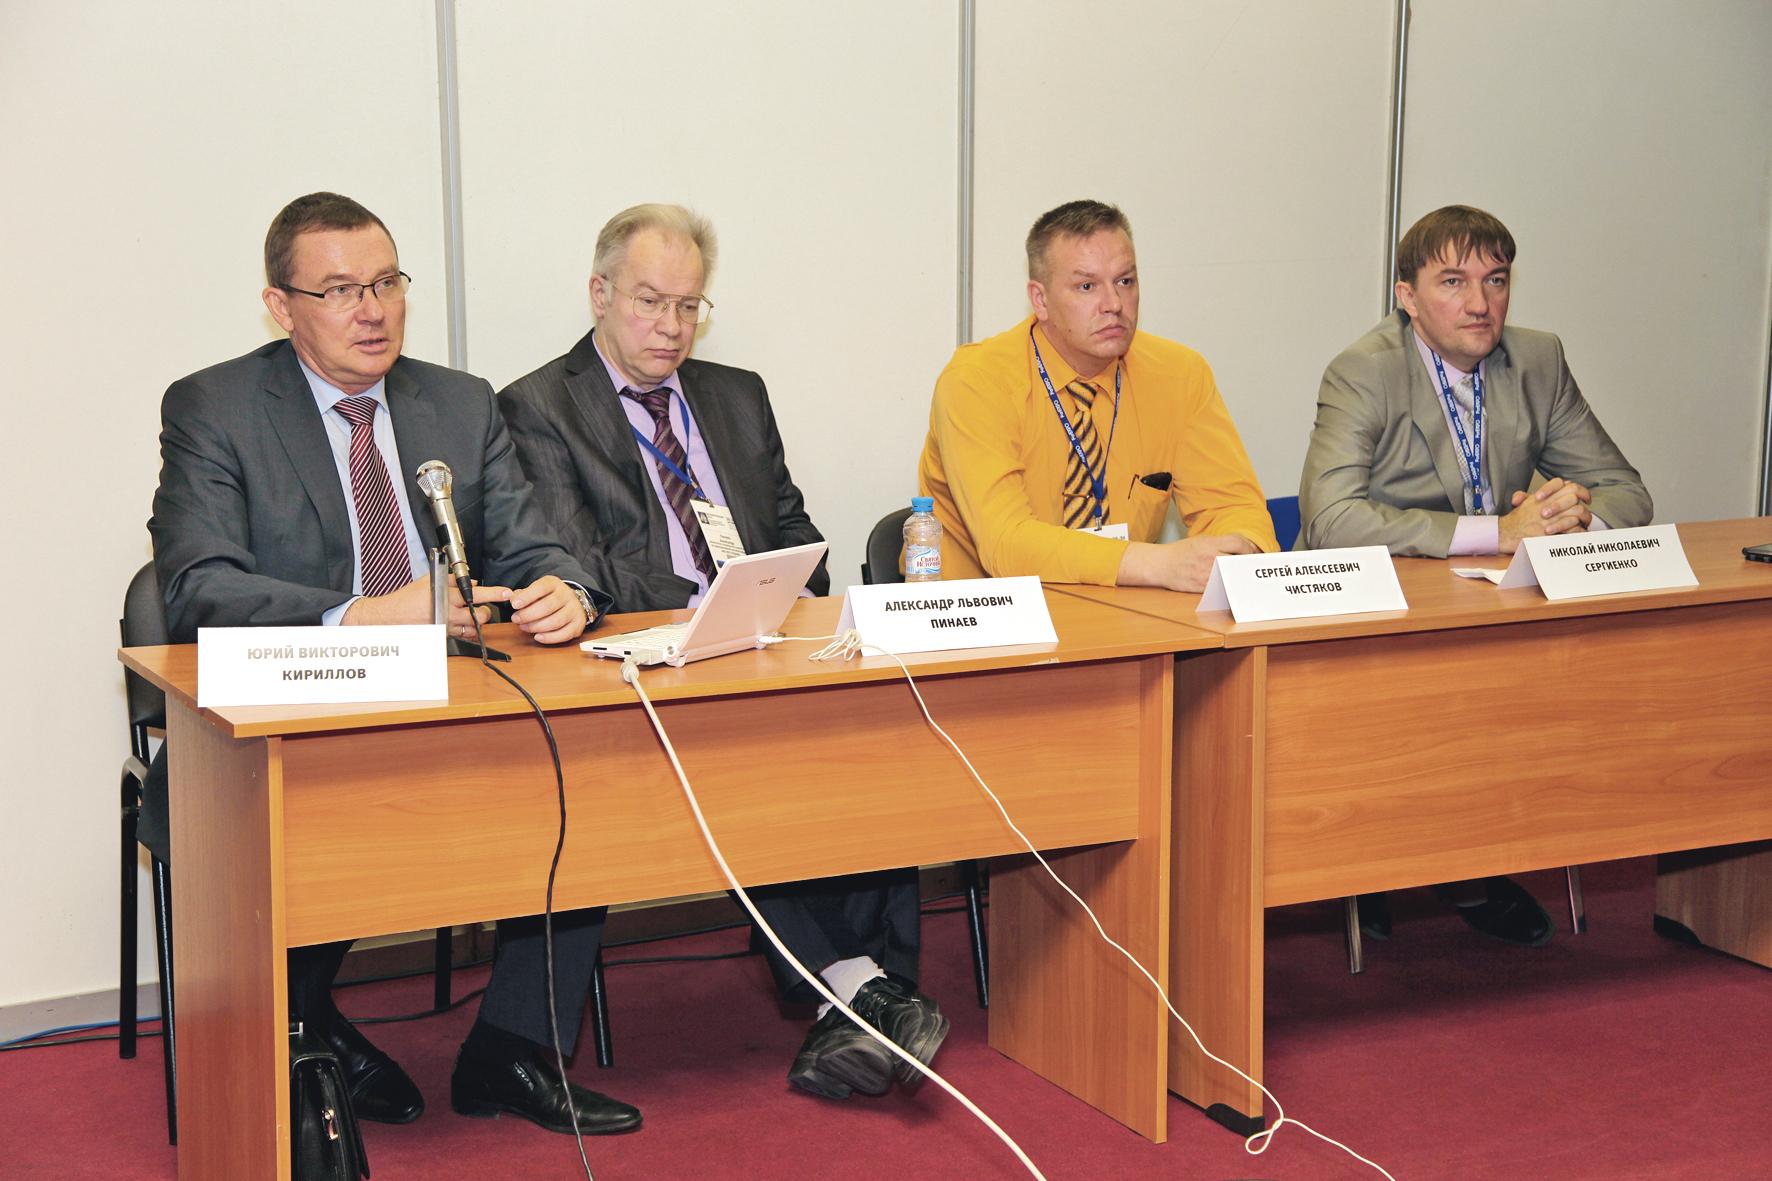 Компания «Родник» представила решения для Северо-западного региона